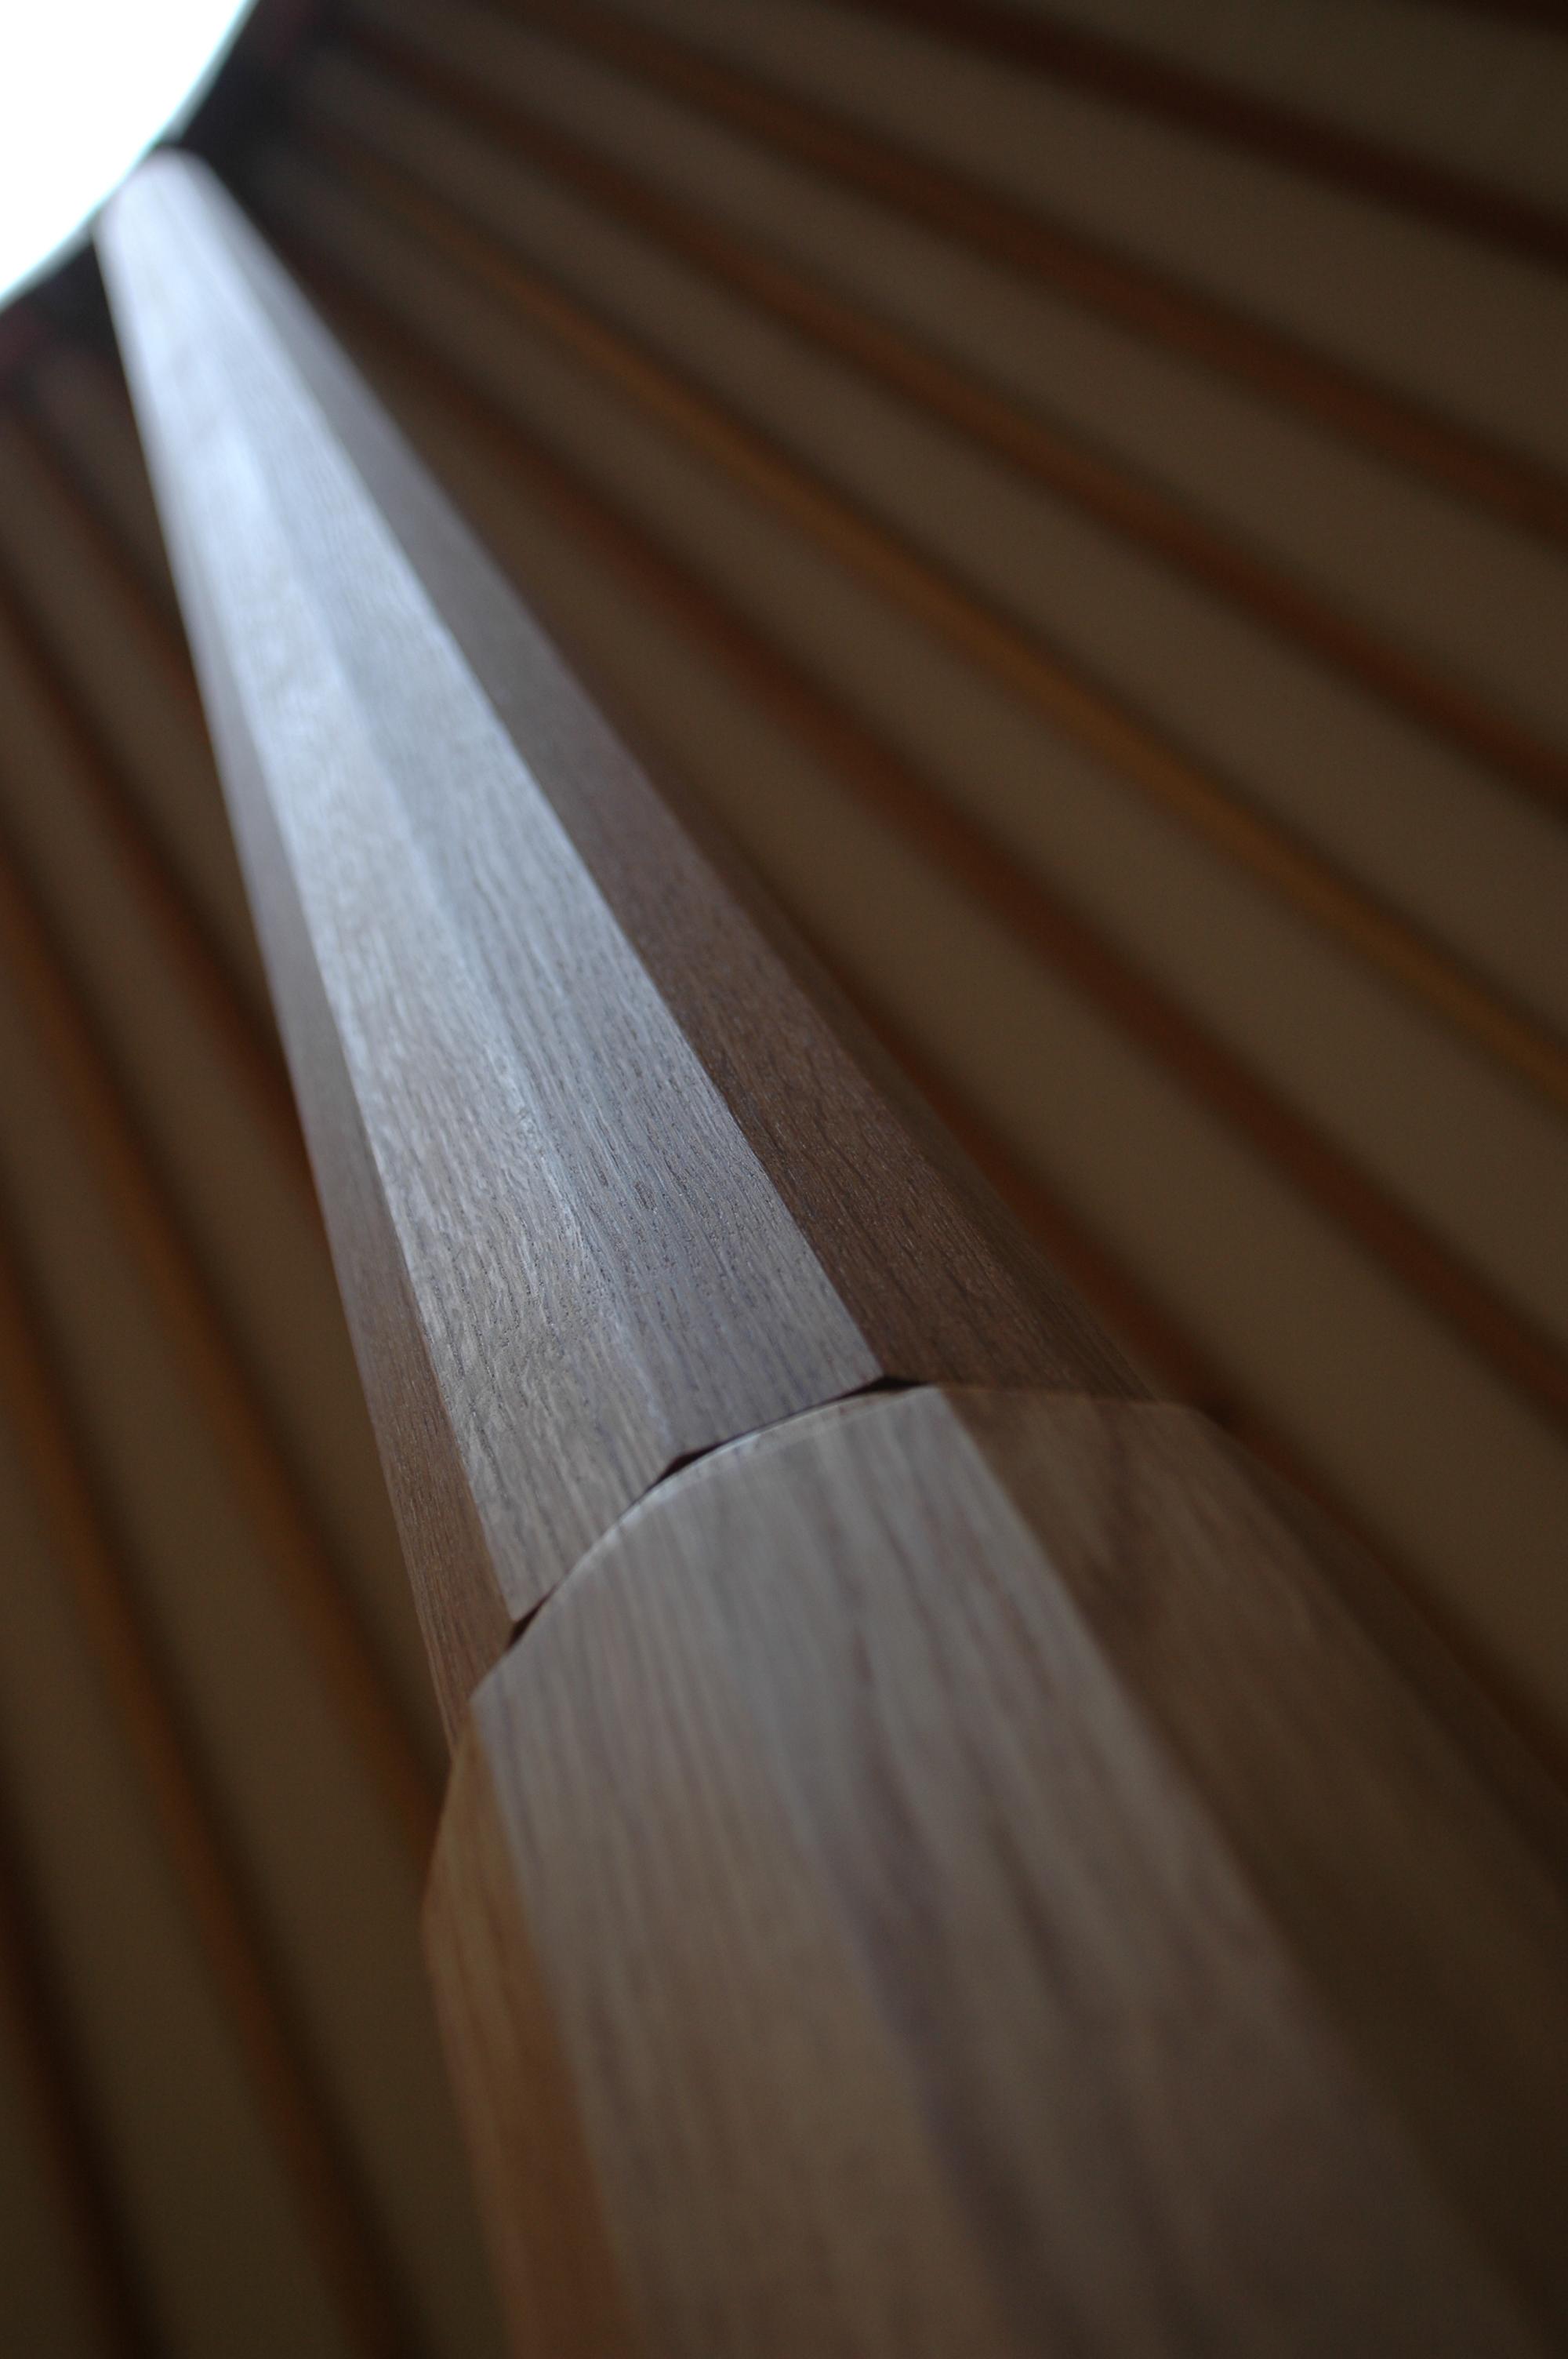 Oak wood supports